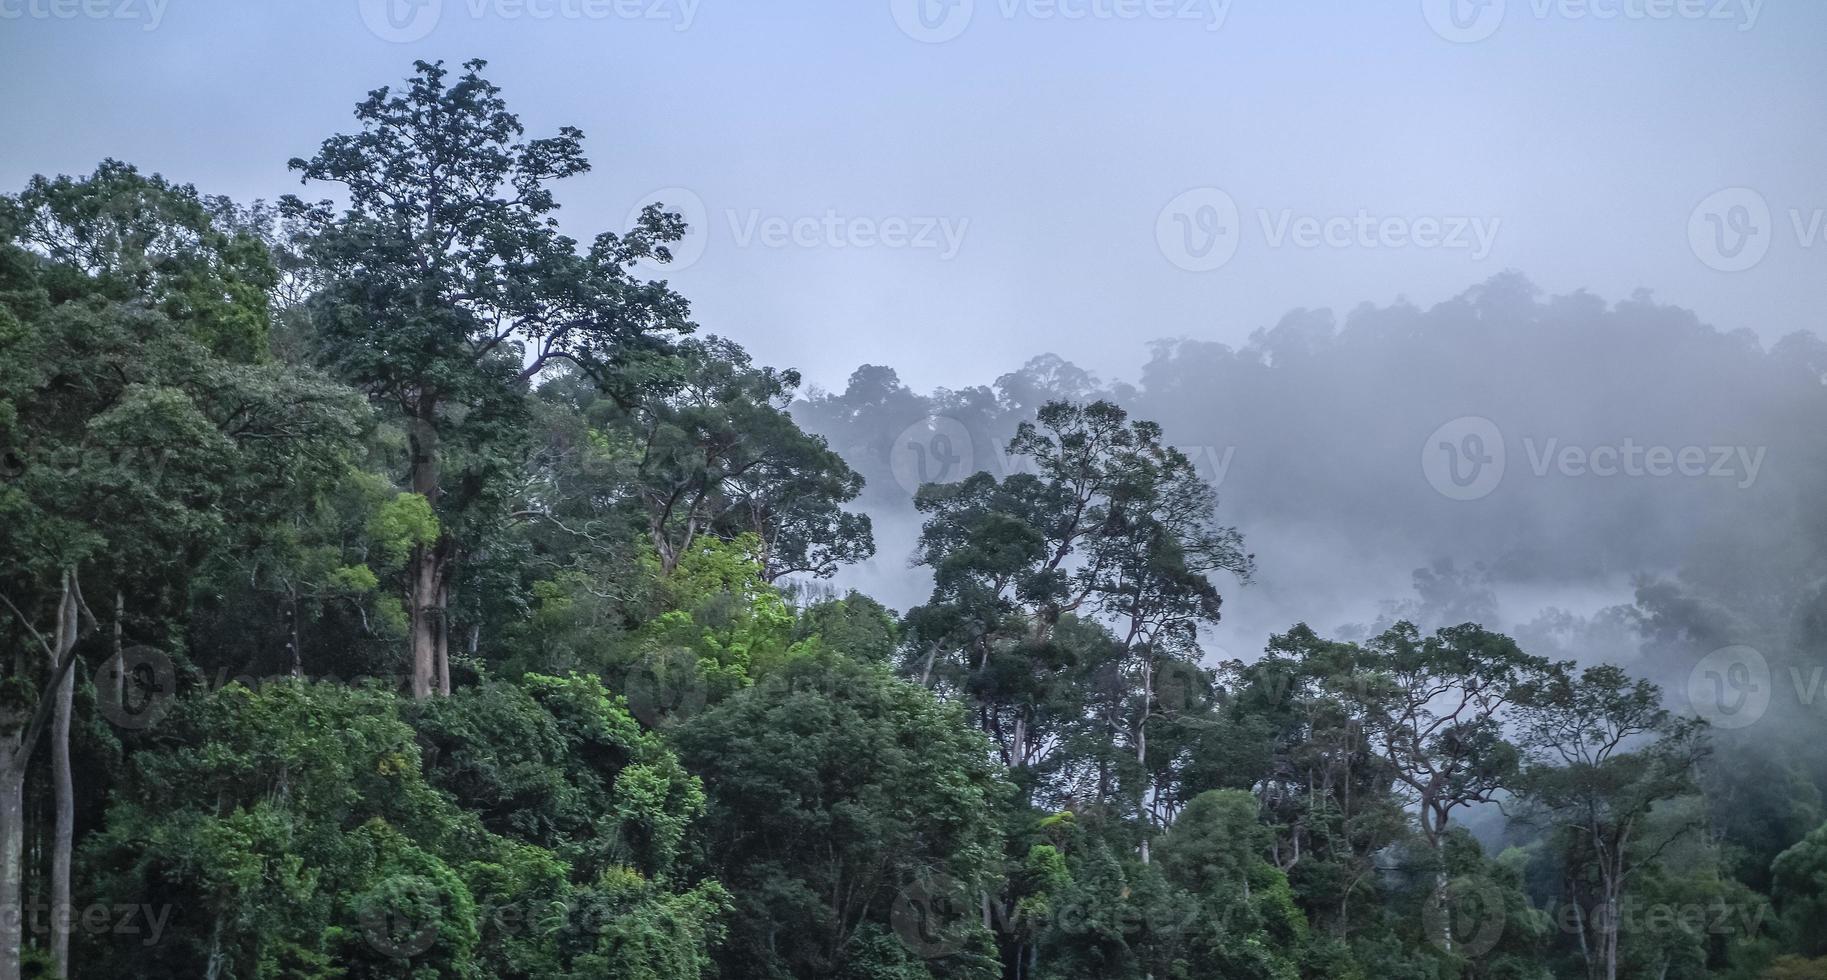 manhã nublada na camada densa de floresta e montanhas. foto